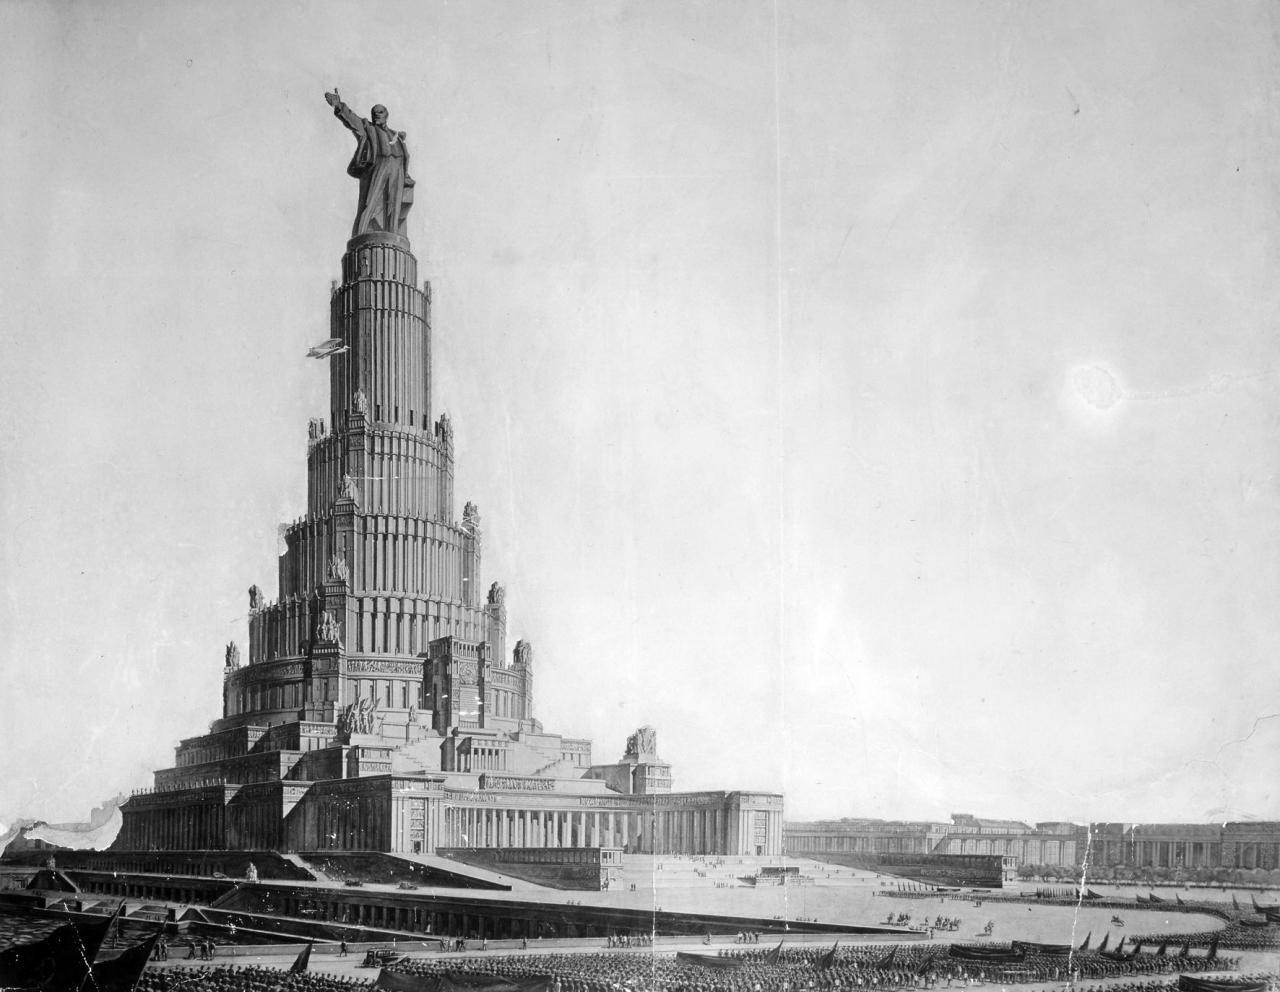 Cоветская архитектура: от дворцов к коробкам